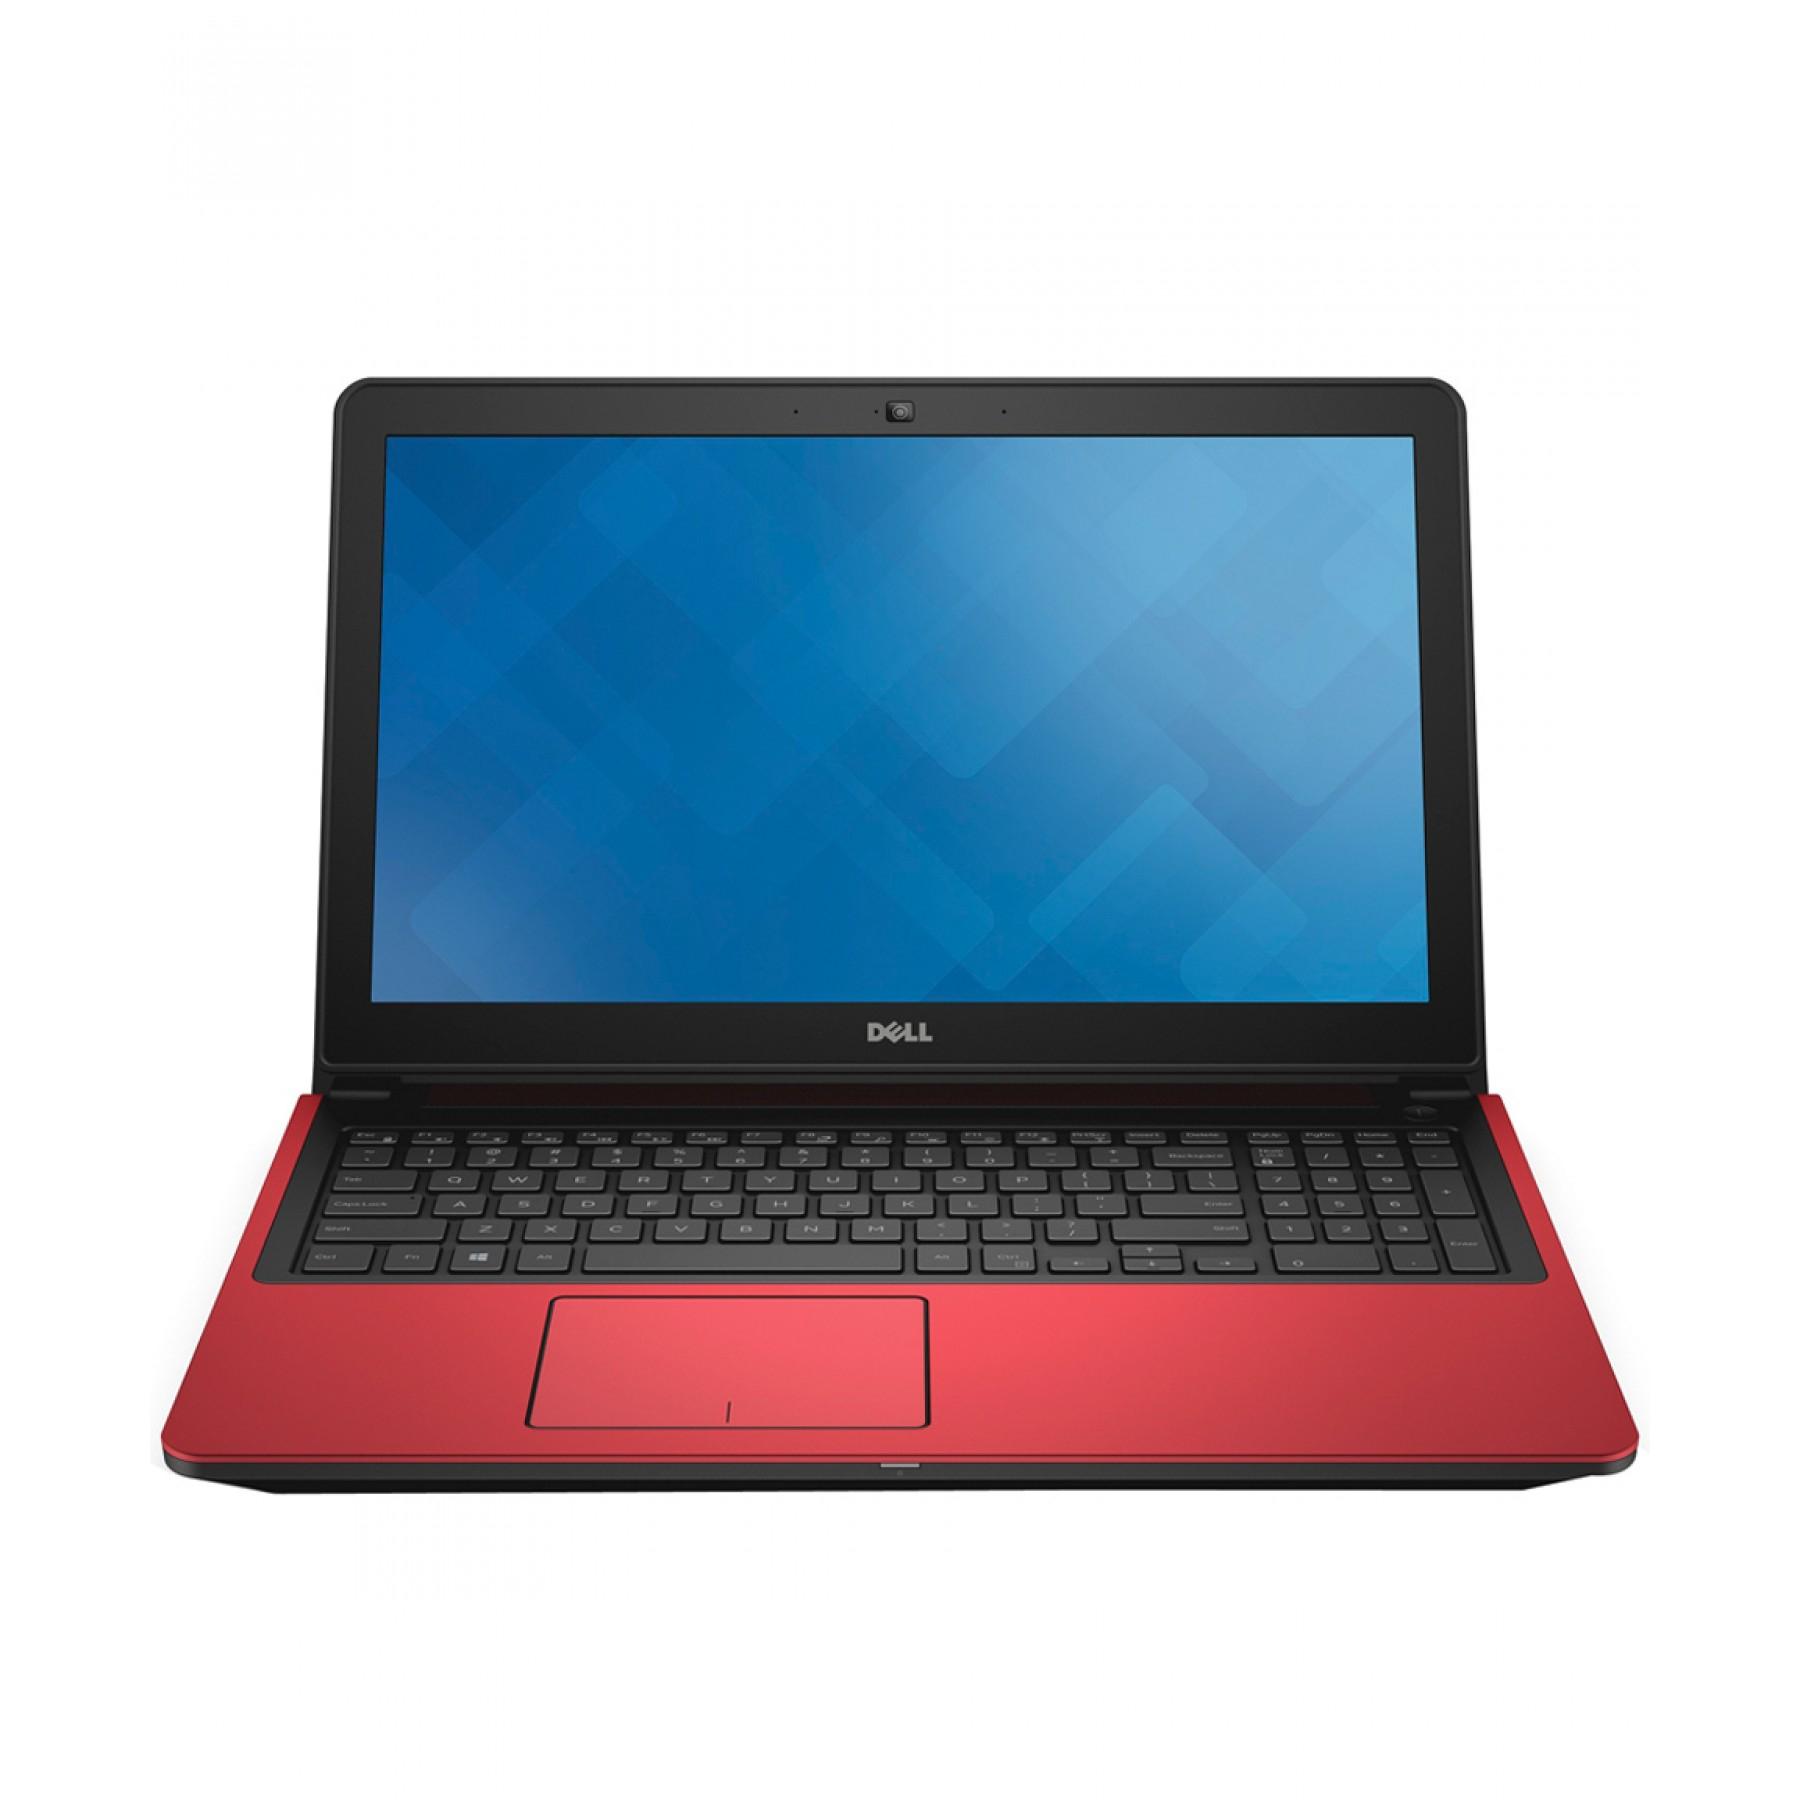 Ofertas Hot Sale Palacio de Hierro: Dell Inspiron serie 7000 de 15 pulgadas FHD, nVidia GTX 960M, core i5 y 8gb de RAM